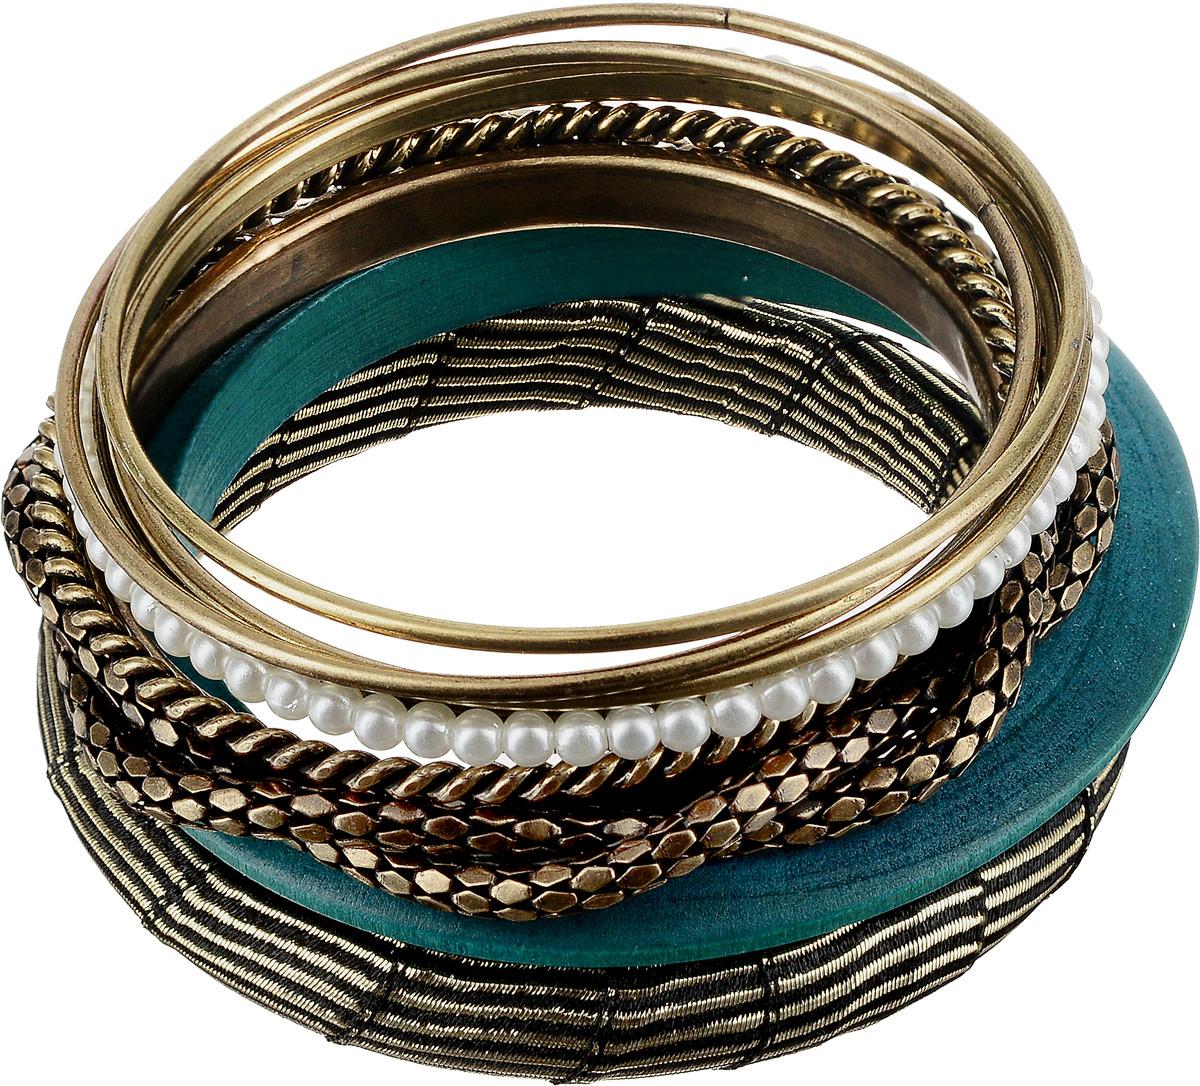 Набор браслетов женский Art-Silver, цвет: золотой, 8 шт. 50-21252-56450-21252-564Набор браслетов от Art-Silver состоит из восьми браслетов: три гладких выполнены из бижутерного сплава, браслет из дерева, массивный браслет с текстильным покрытием дополнен металлизированной нитью, два рифленых браслета из бижутерного сплава, браслет с жемчугом из бижутерного сплава.